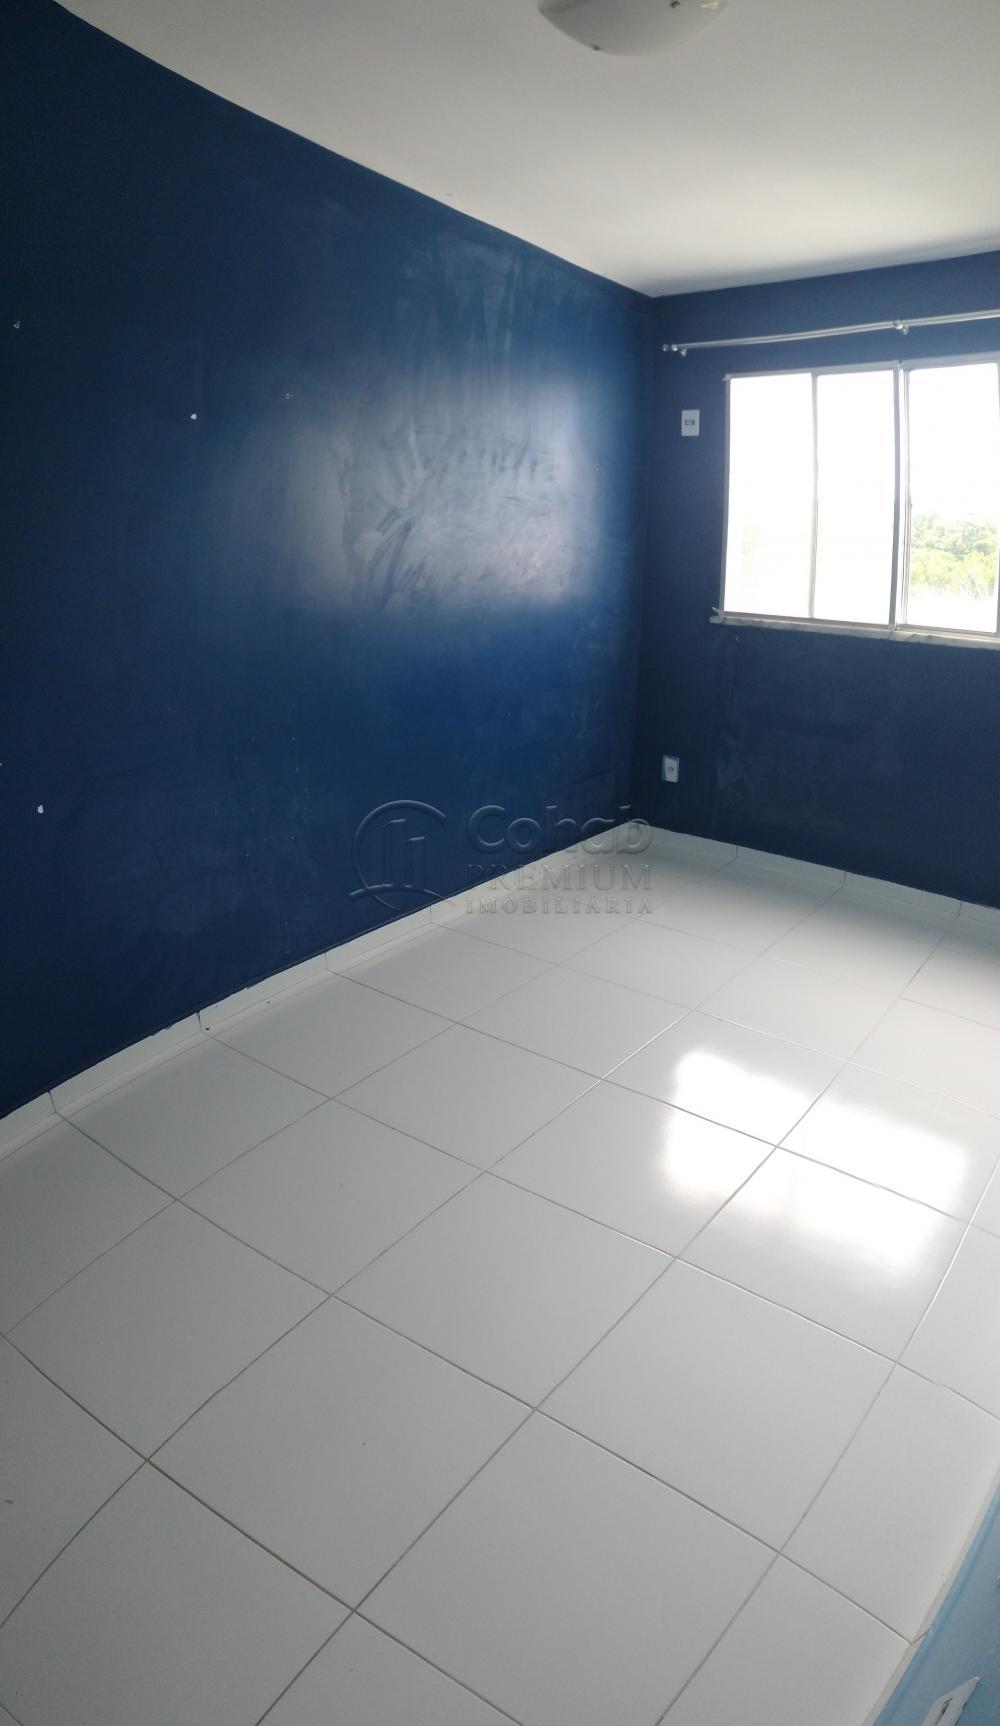 Alugar Apartamento / Padrão em Aracaju apenas R$ 450,00 - Foto 8